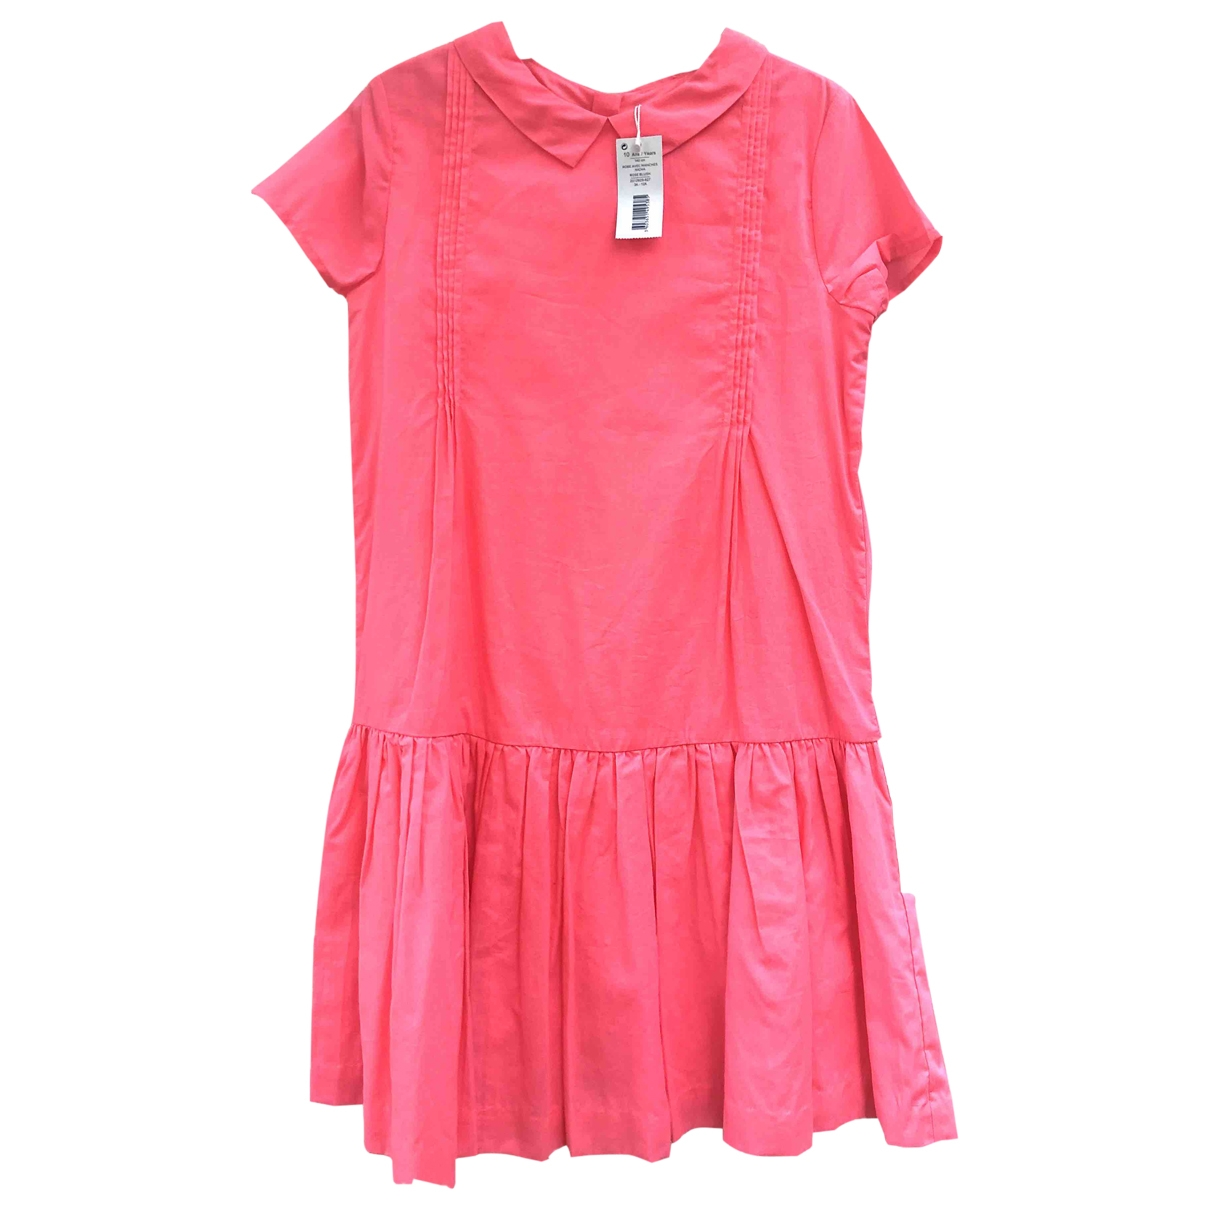 Jacadi \N Kleid in  Rosa Baumwolle